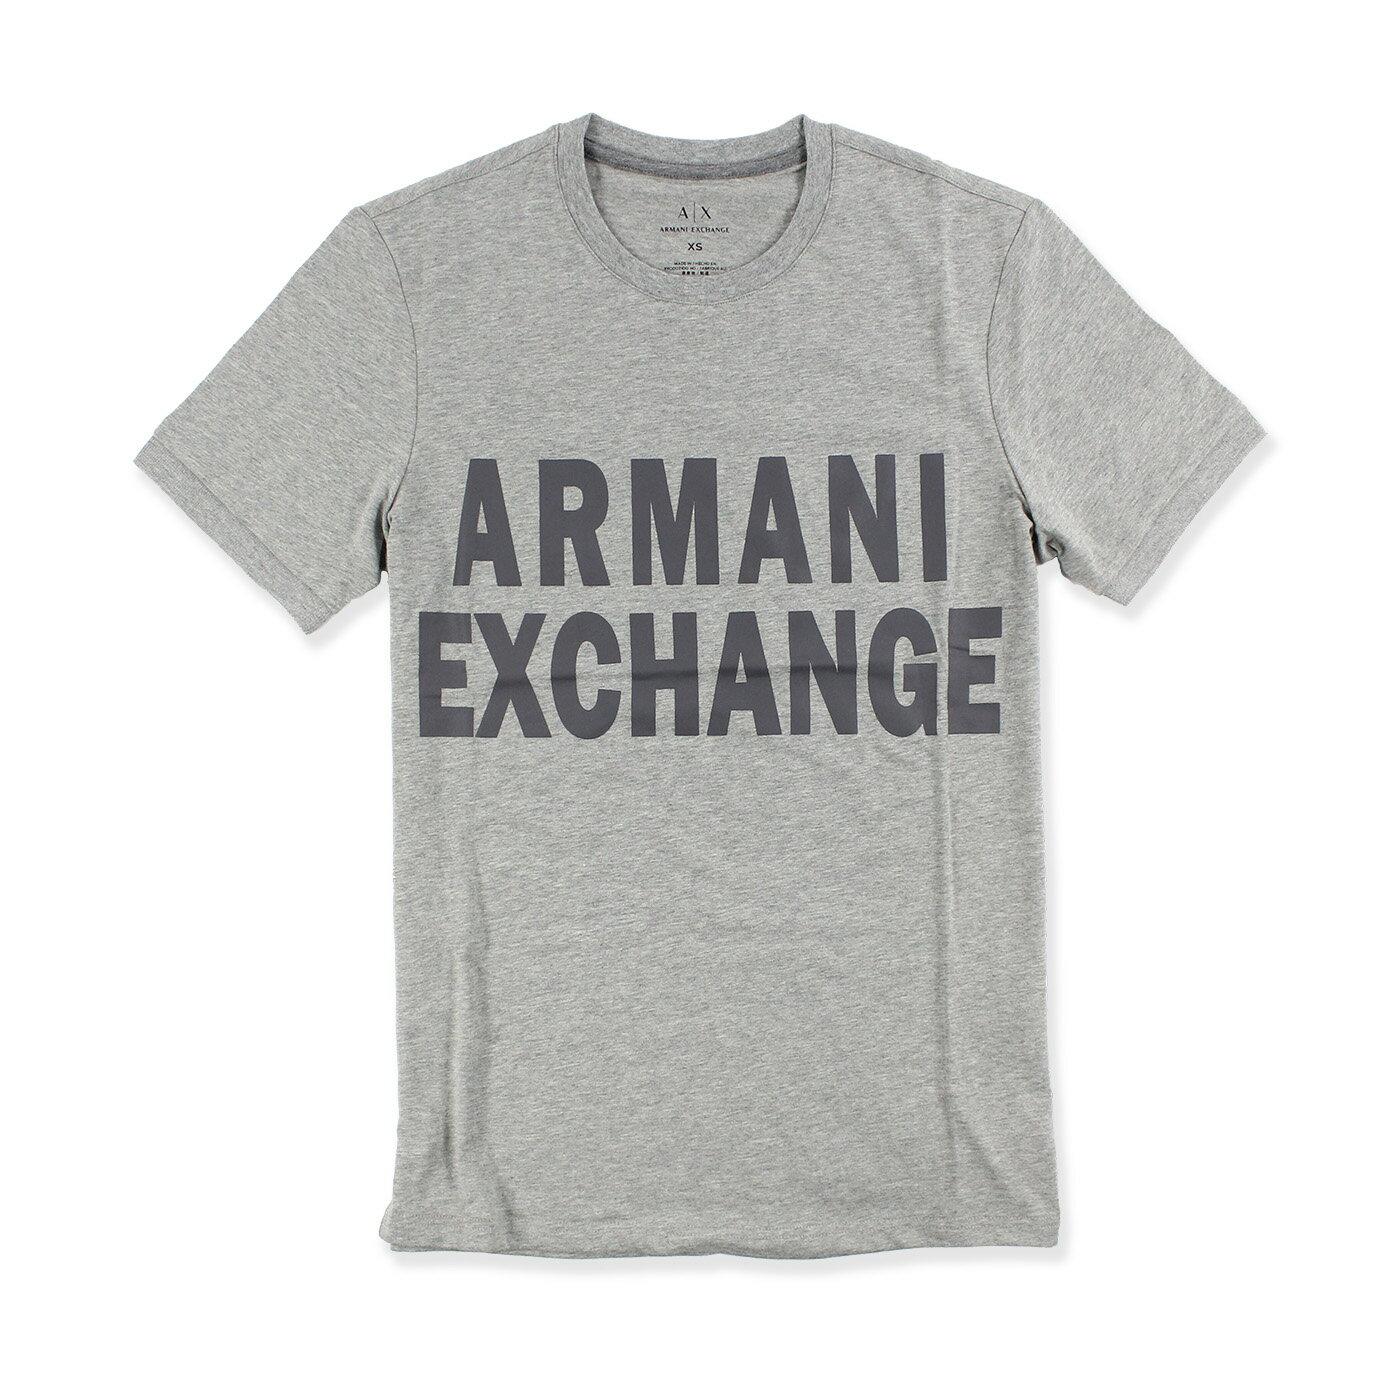 美國百分百【Armani Exchange】T恤 AX 短袖 logo 上衣 T-shirt 束口 M L 灰 G060